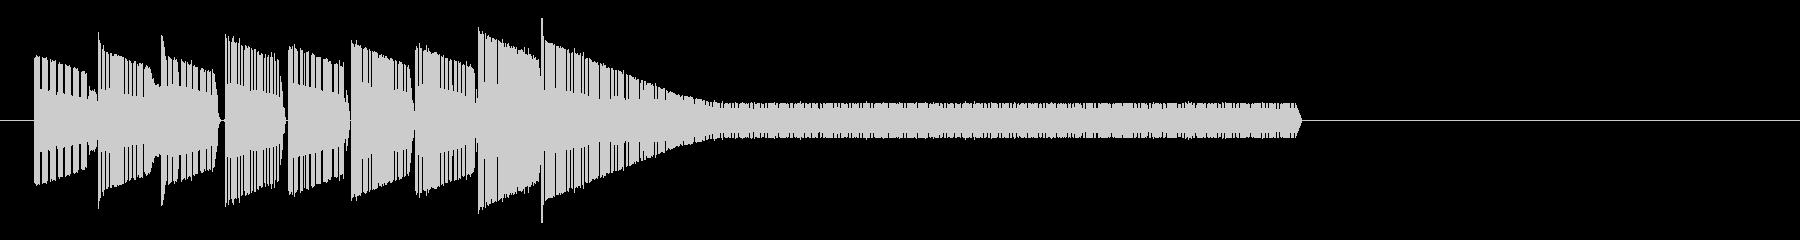 レトロゲーム風・中華風ジングル2の未再生の波形